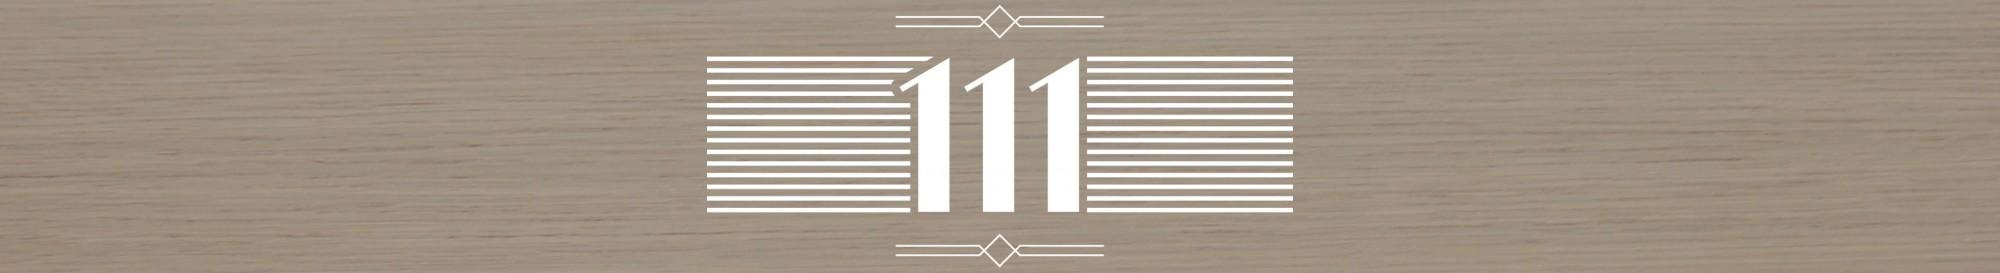 Ebénisterie 111